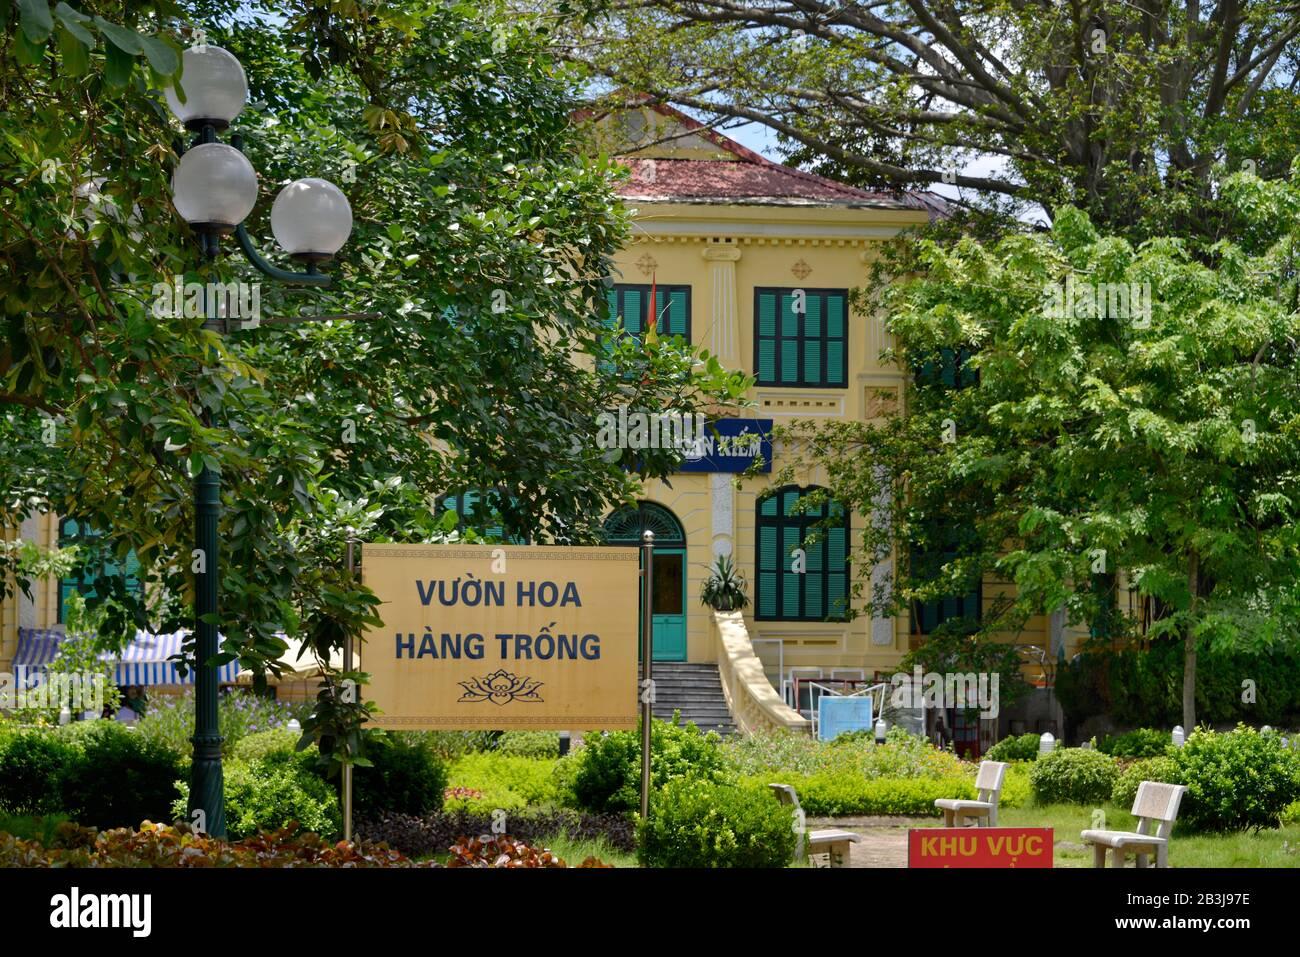 Hang Trong Blumengarten, Nha Chung, Hanoi, Vietnam Stock Photo